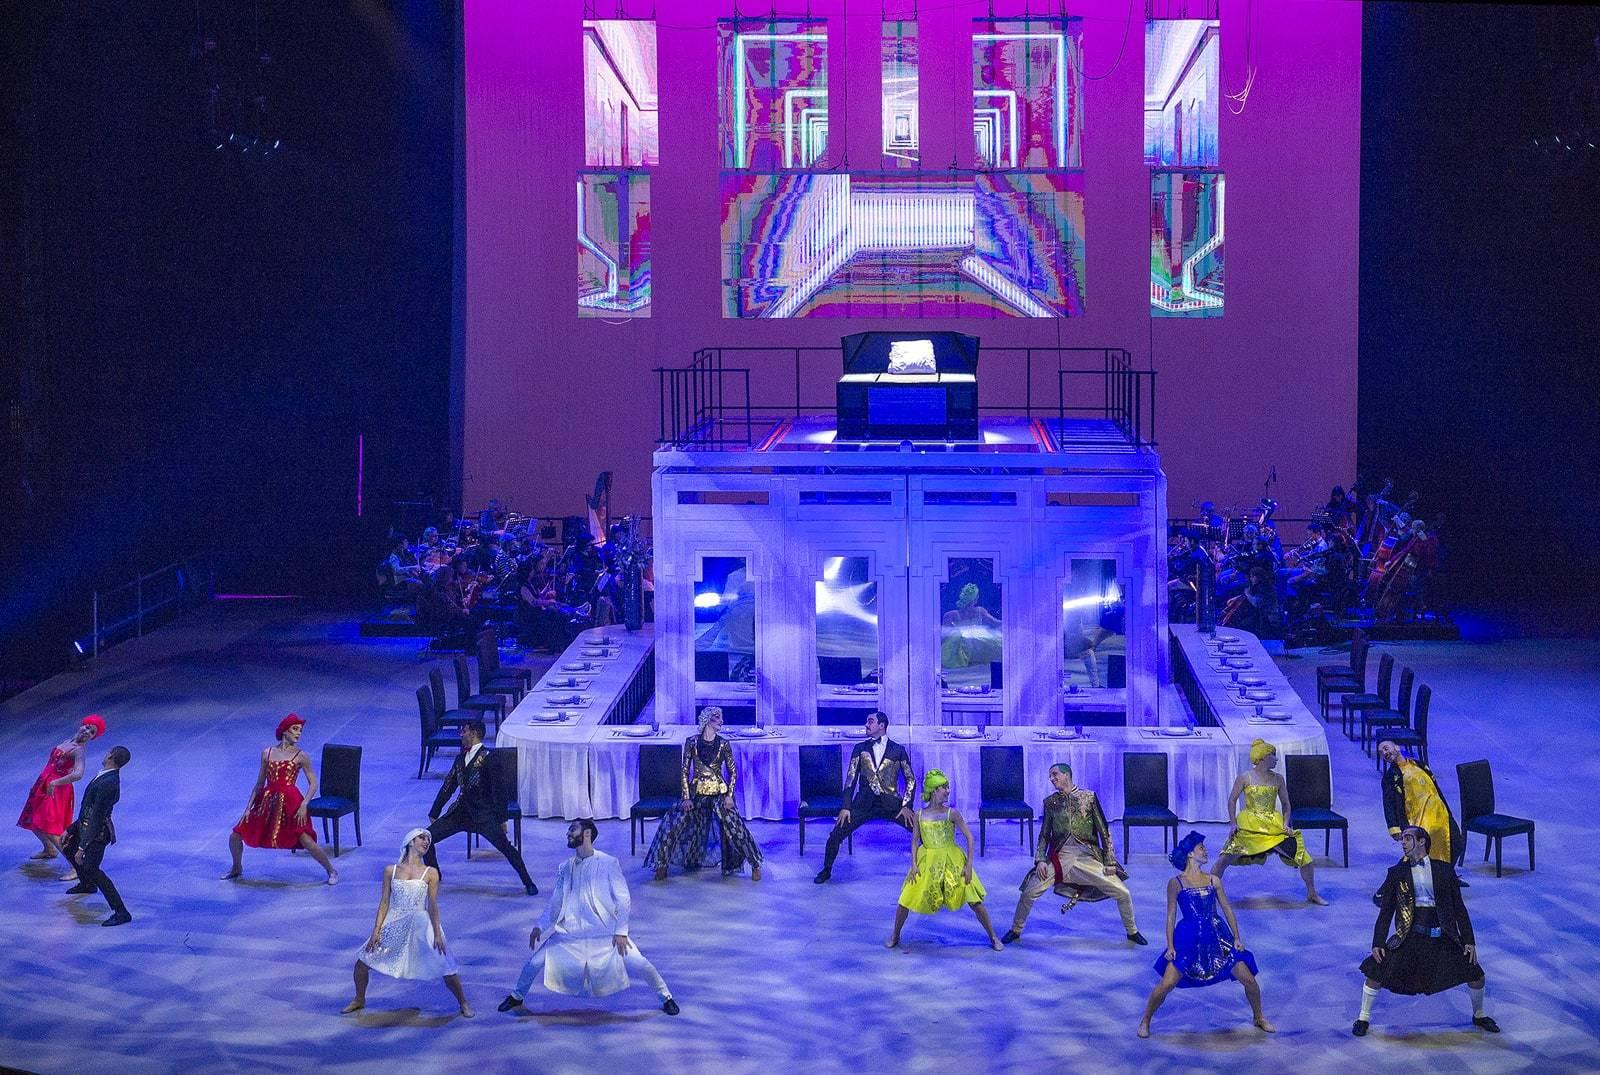 ballets et opéras: casse-noisette 2